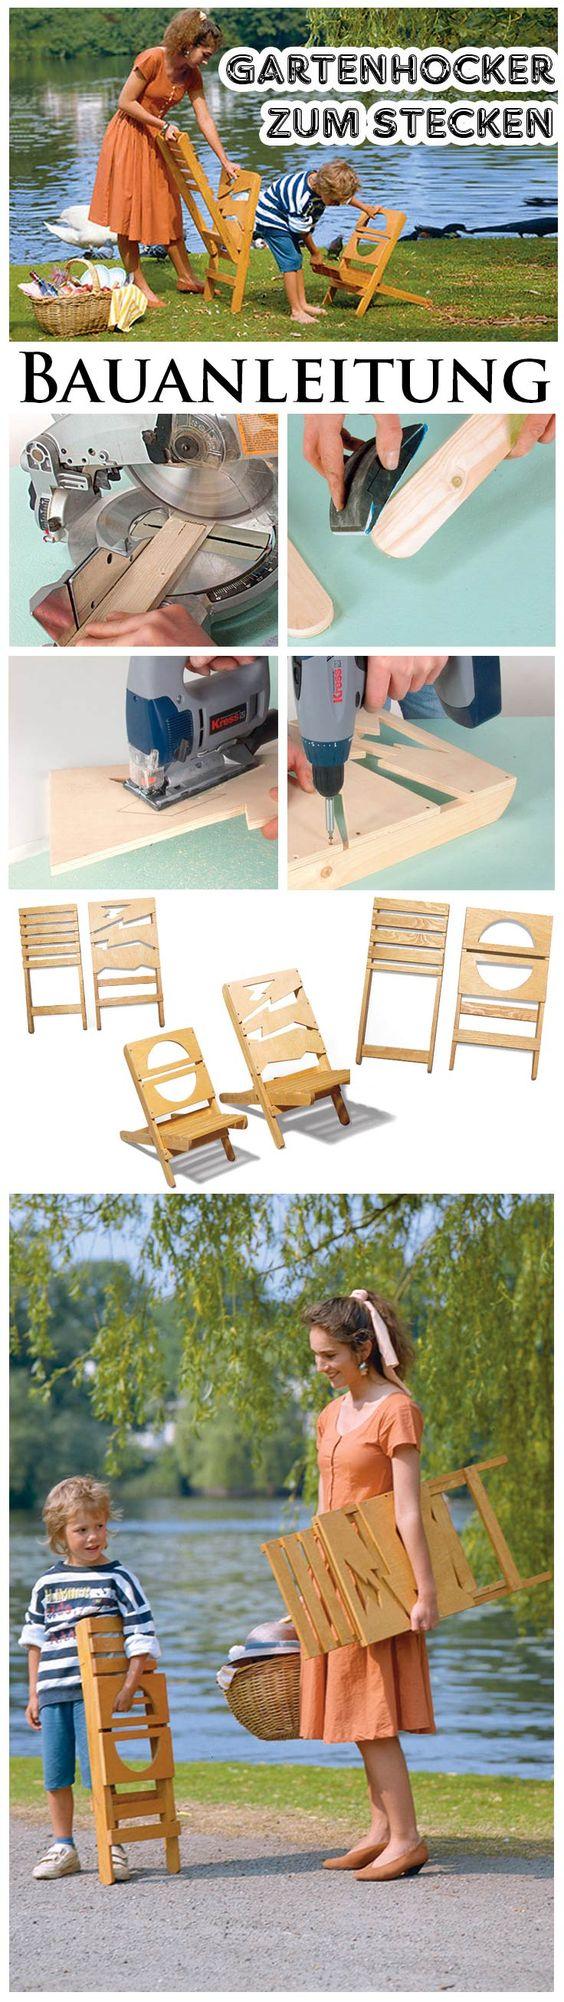 klappstuhl mal anders diese klappst hle sind zum stecken wir zeigen wie man die hocker f r. Black Bedroom Furniture Sets. Home Design Ideas